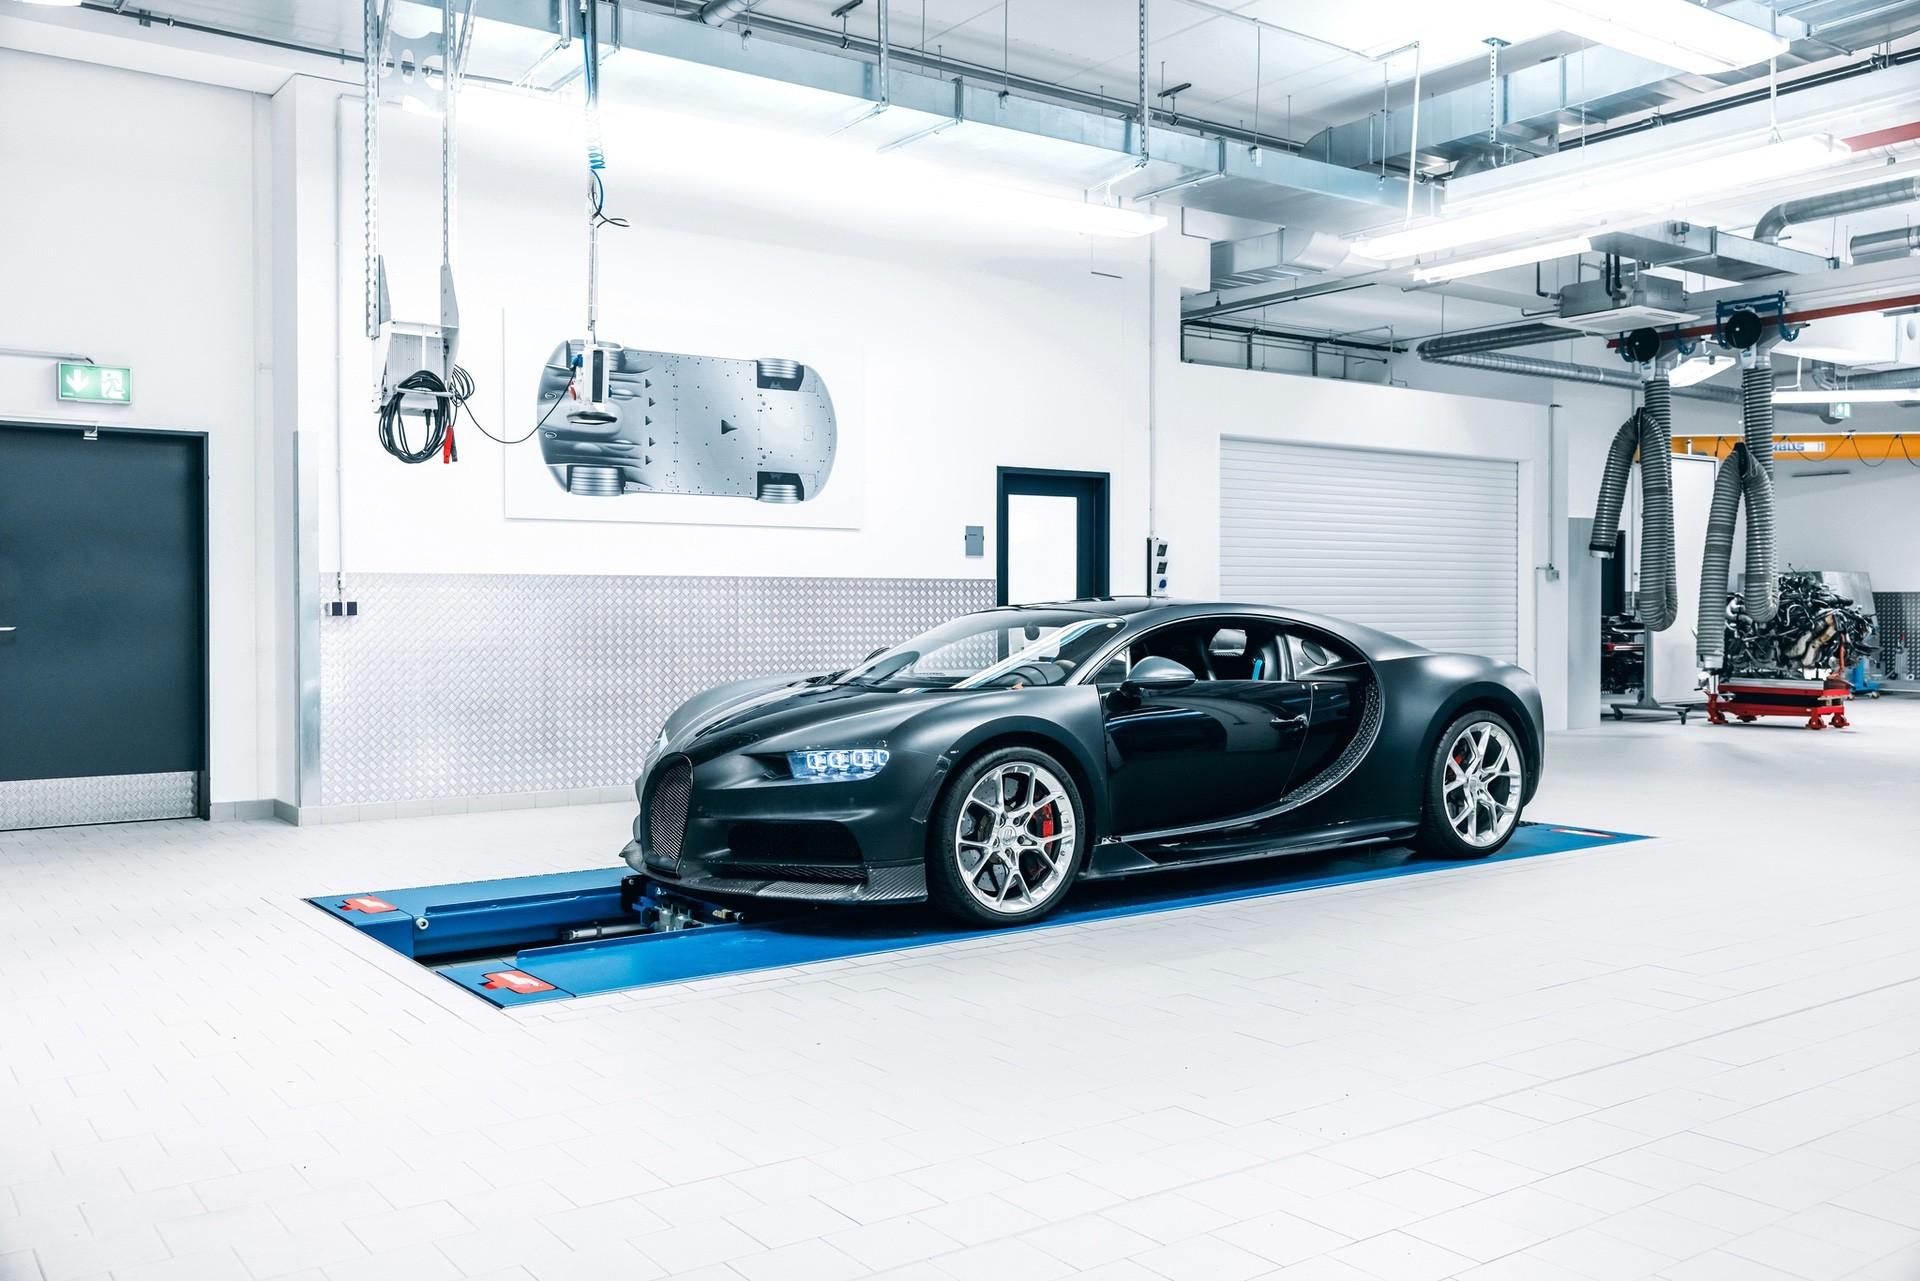 Bugatti_Chiron_Prototype_4-005-0003